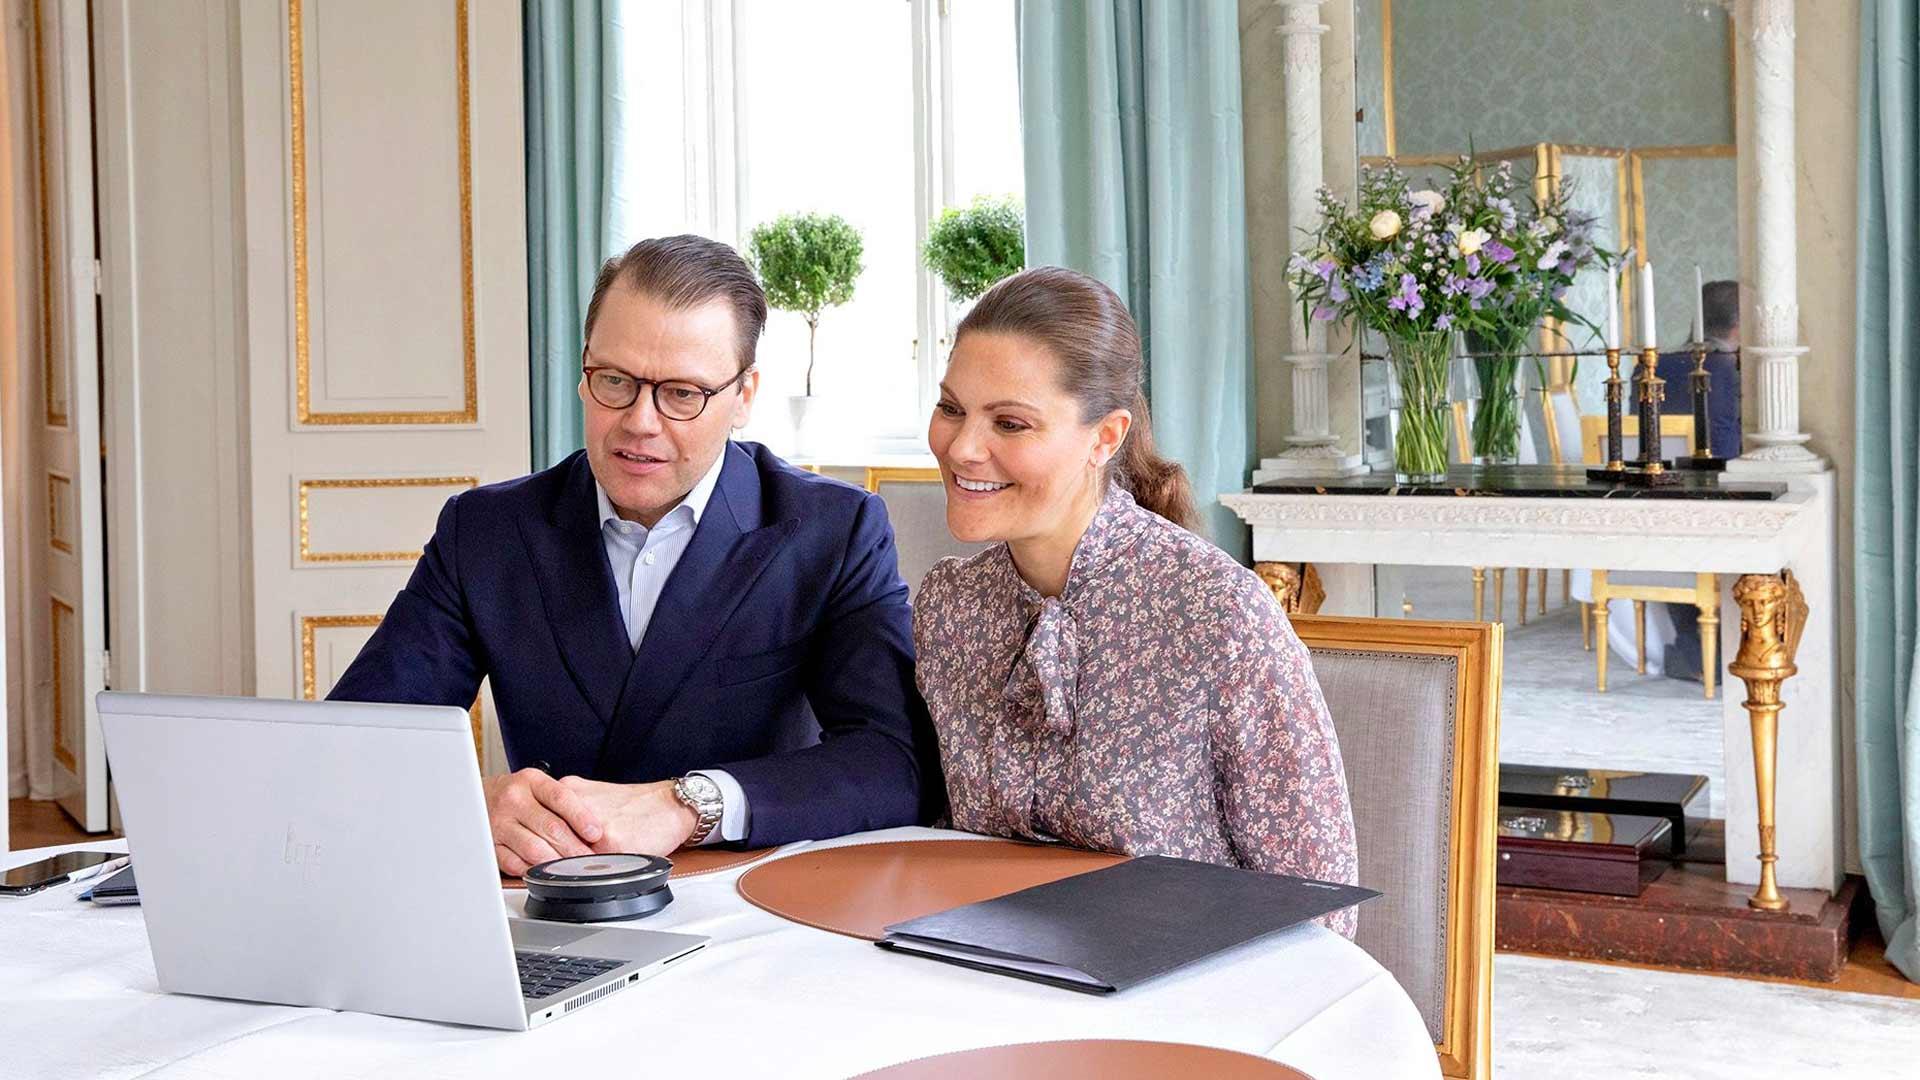 Koronaepidemian aikana Victoria ja Daniel ovat hoitaneet edustustehtäviään videon välityksellä. Toukokuussa he juttelivat Norjan kruununprinssi Haakonin ja kruununprinsessa Mette-Maritin kanssa.